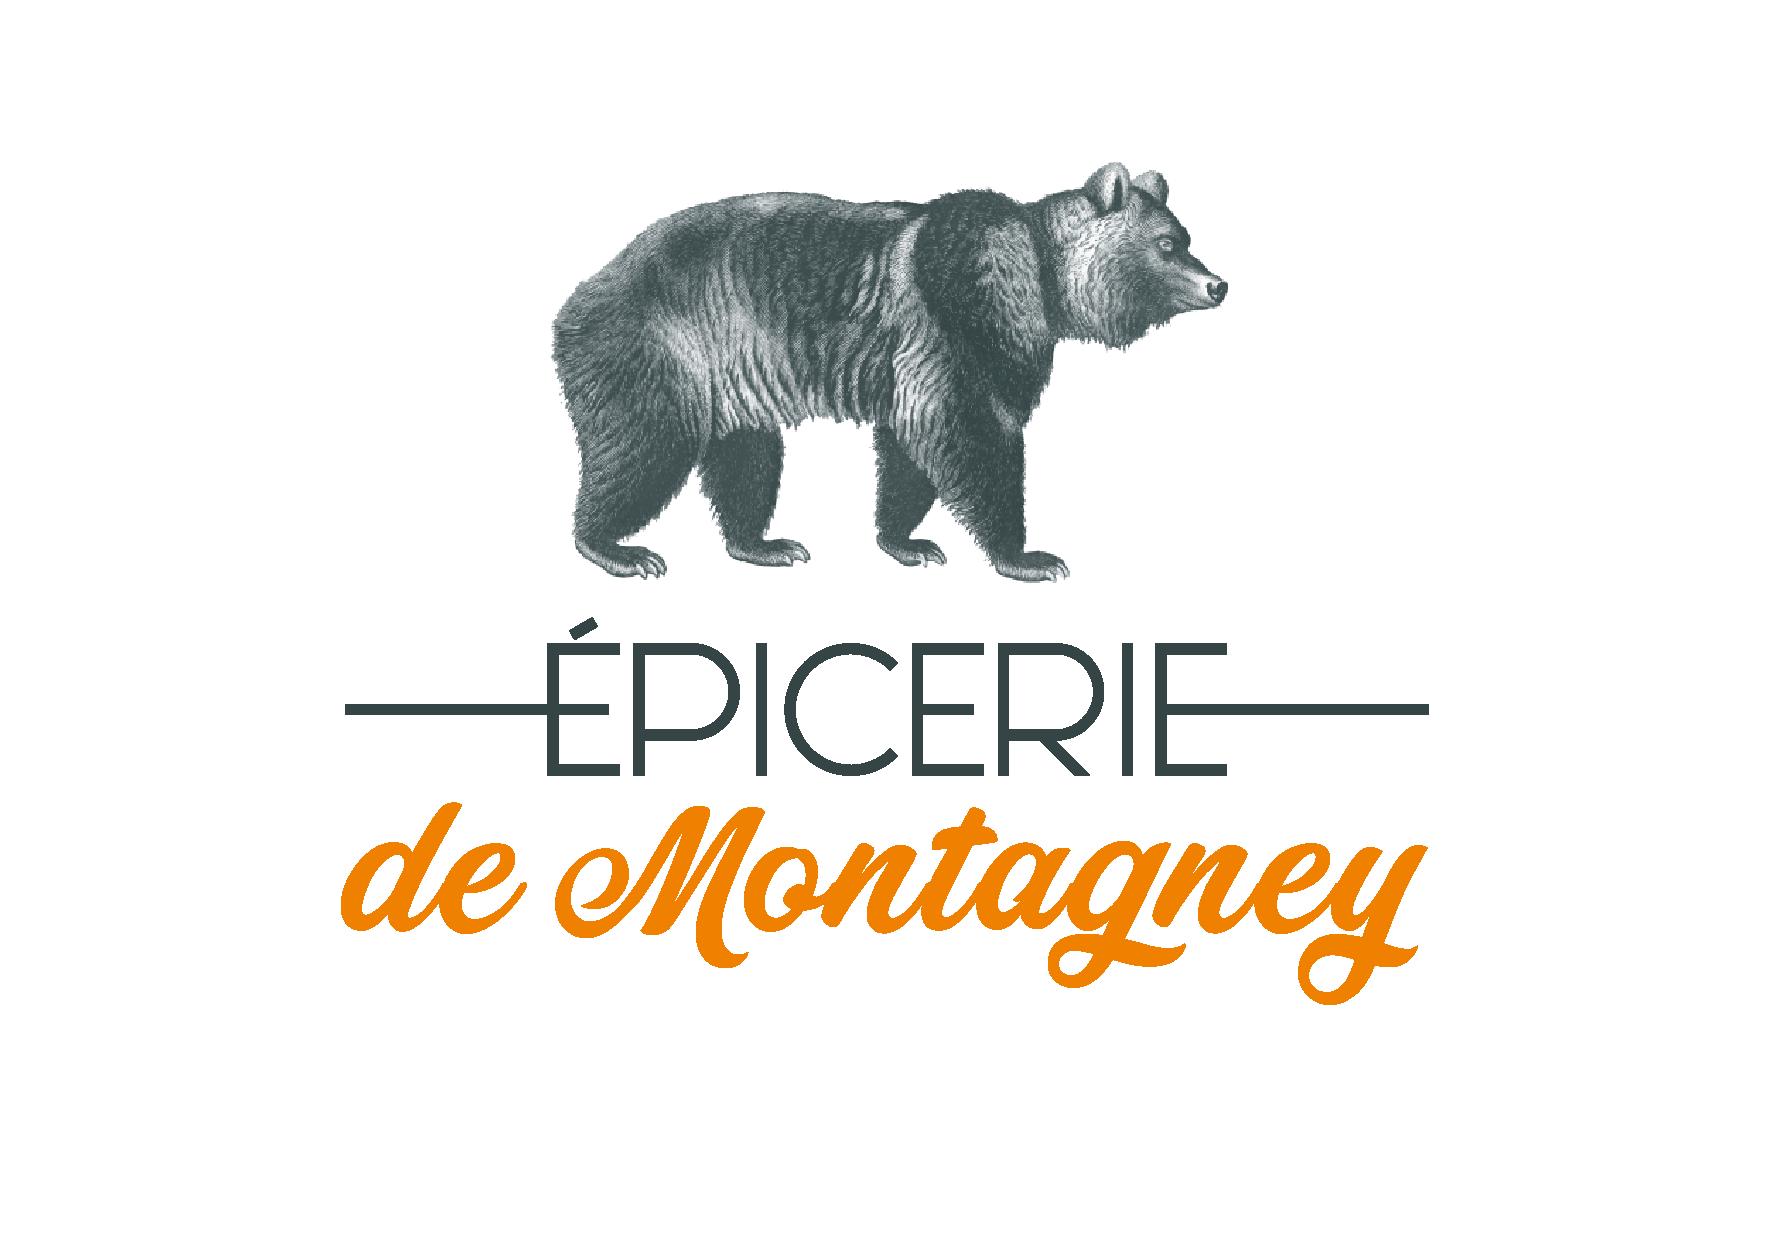 épicerie_Ours-01